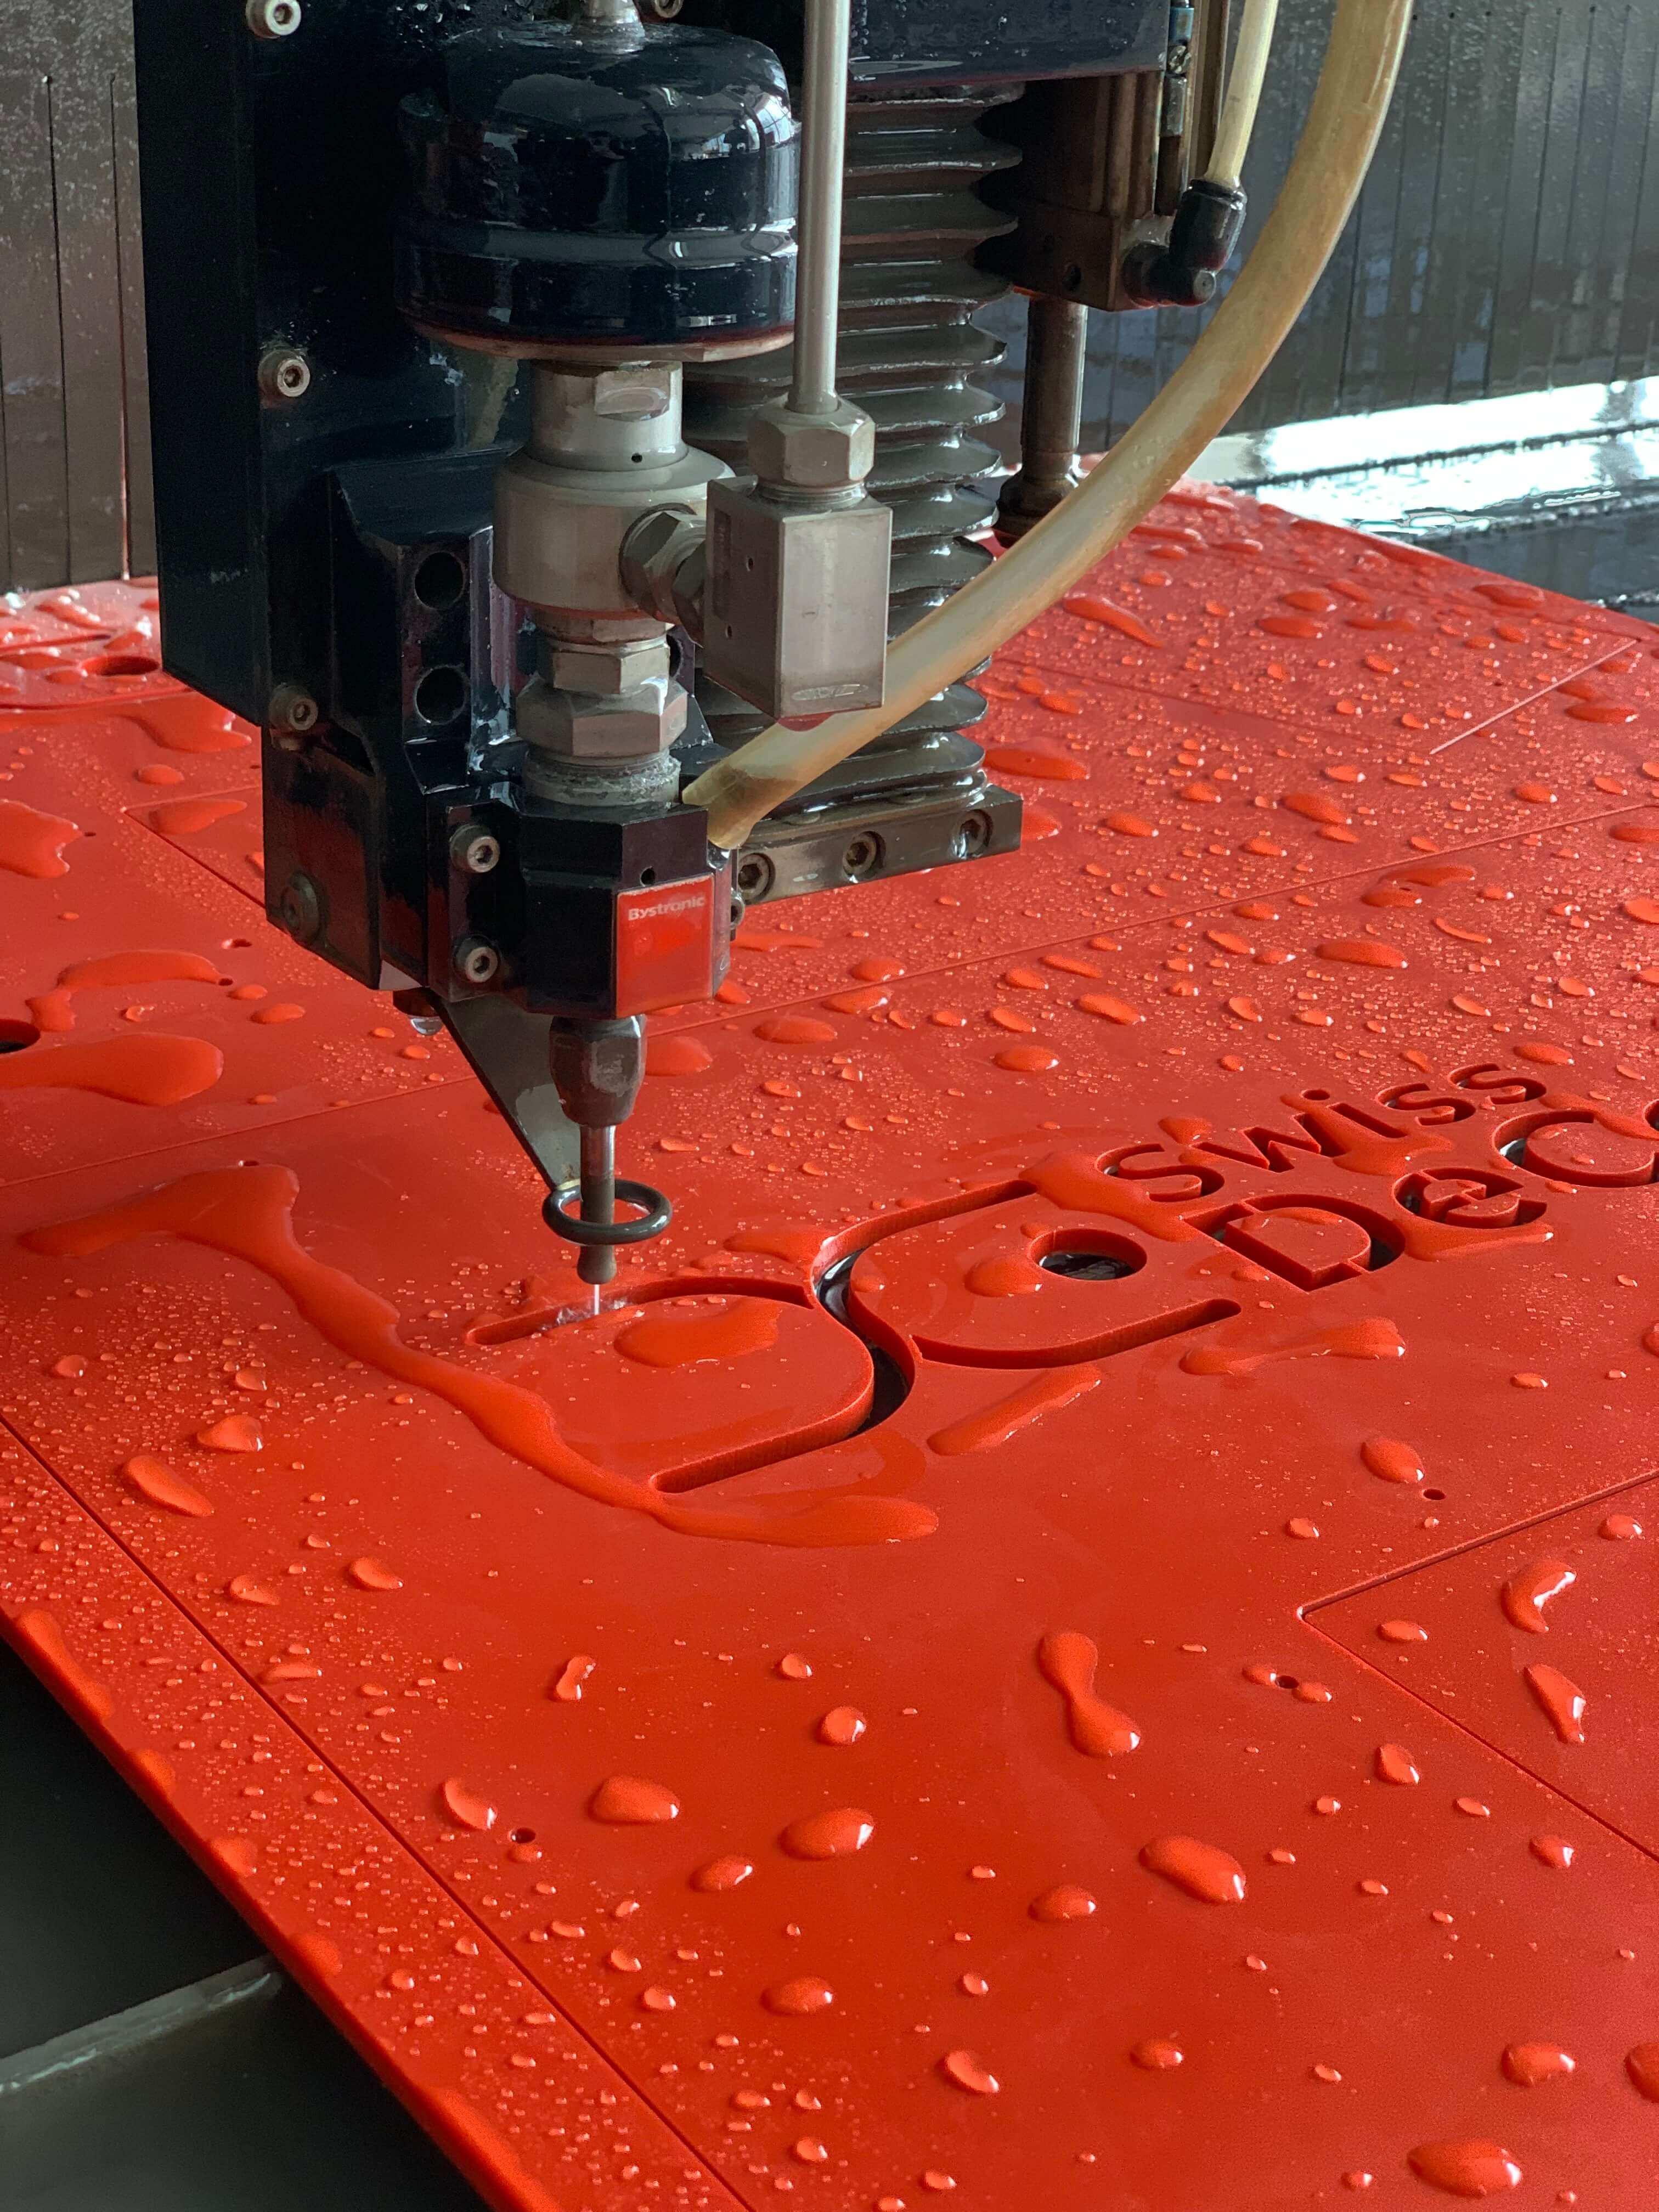 Découpage jet d'eau d'une enseigne en plastique rouge